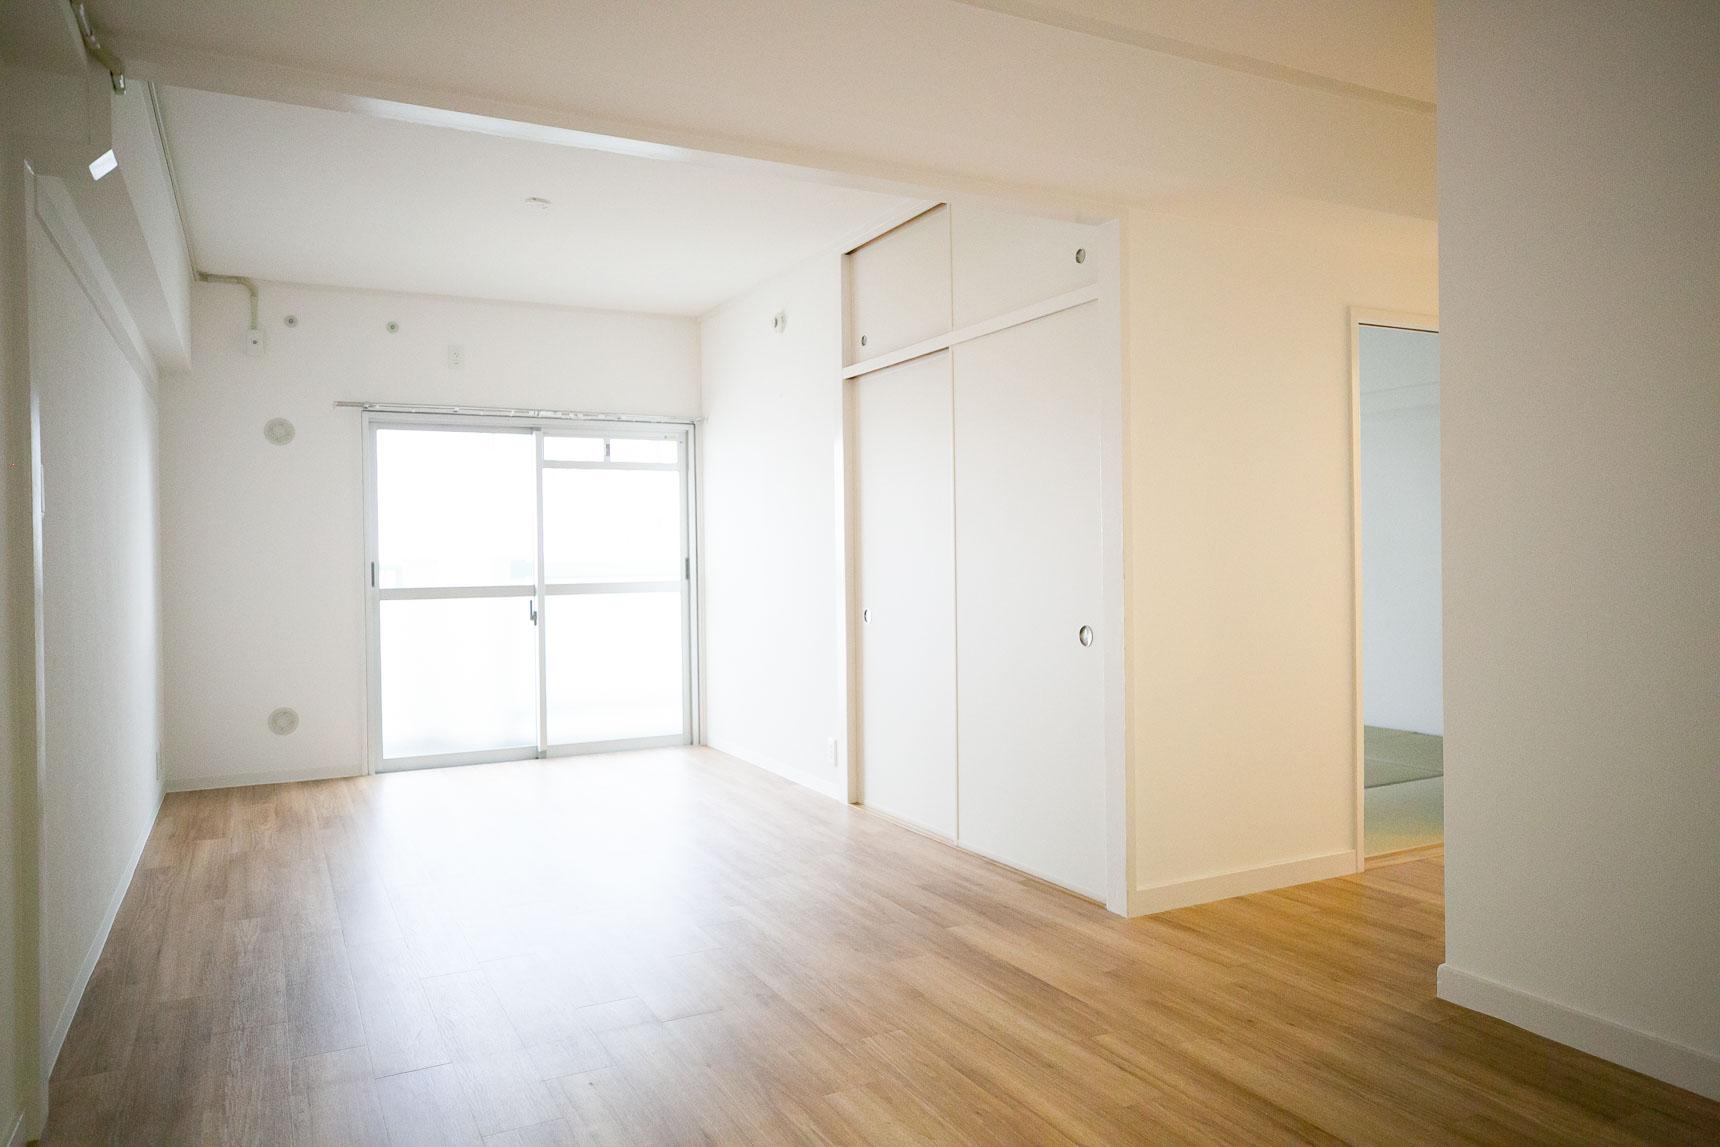 こちらは、同じく3DKのお部屋を2LDKに、和室や大きな収納はそのまま生かしたプランのお部屋です。お部屋の床も全面張り替えされていて気持ち良いです。